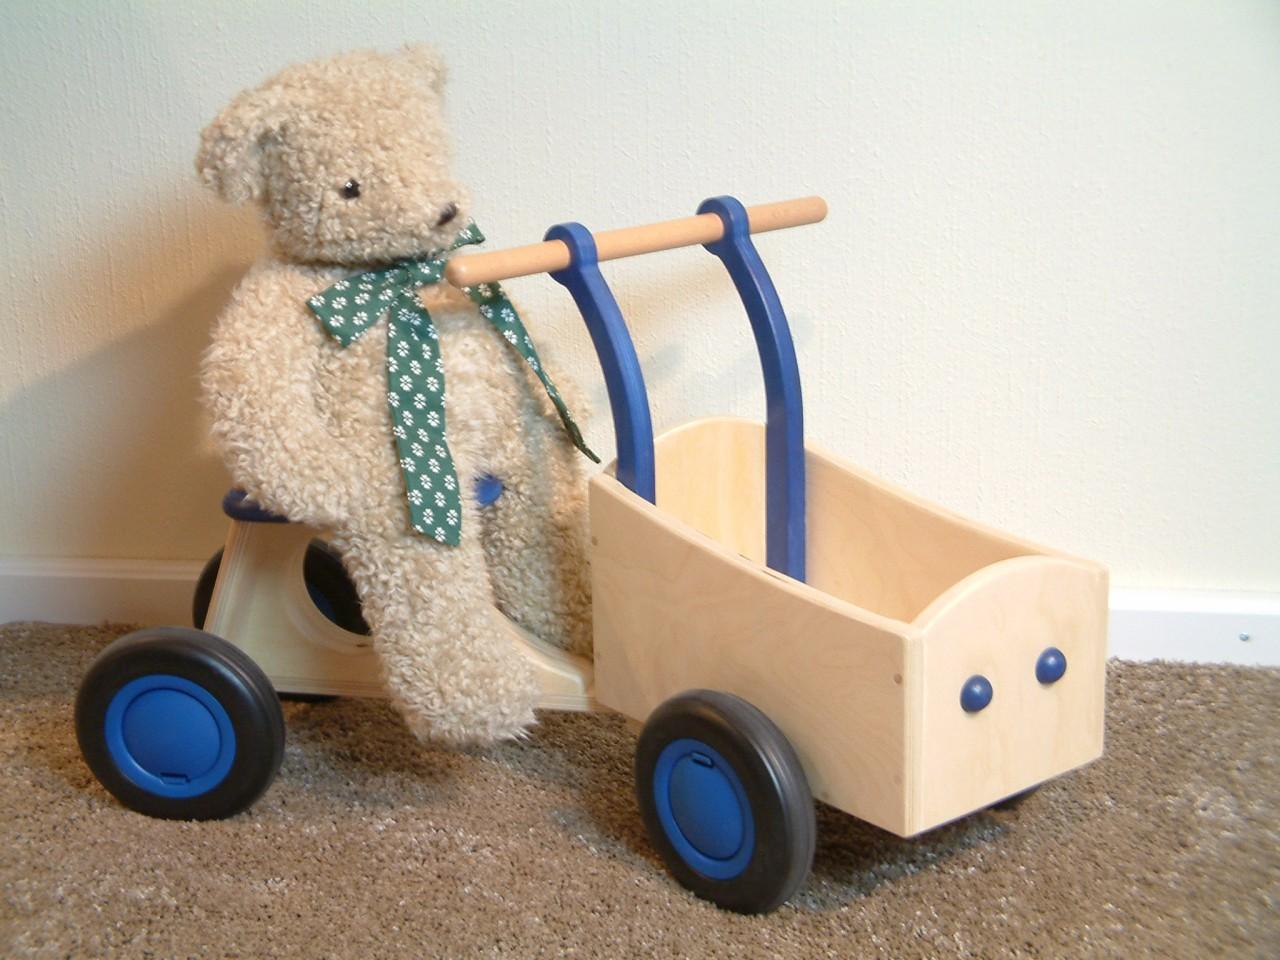 bakfiets tolles vierrad laufrad mit transportkiste. Black Bedroom Furniture Sets. Home Design Ideas